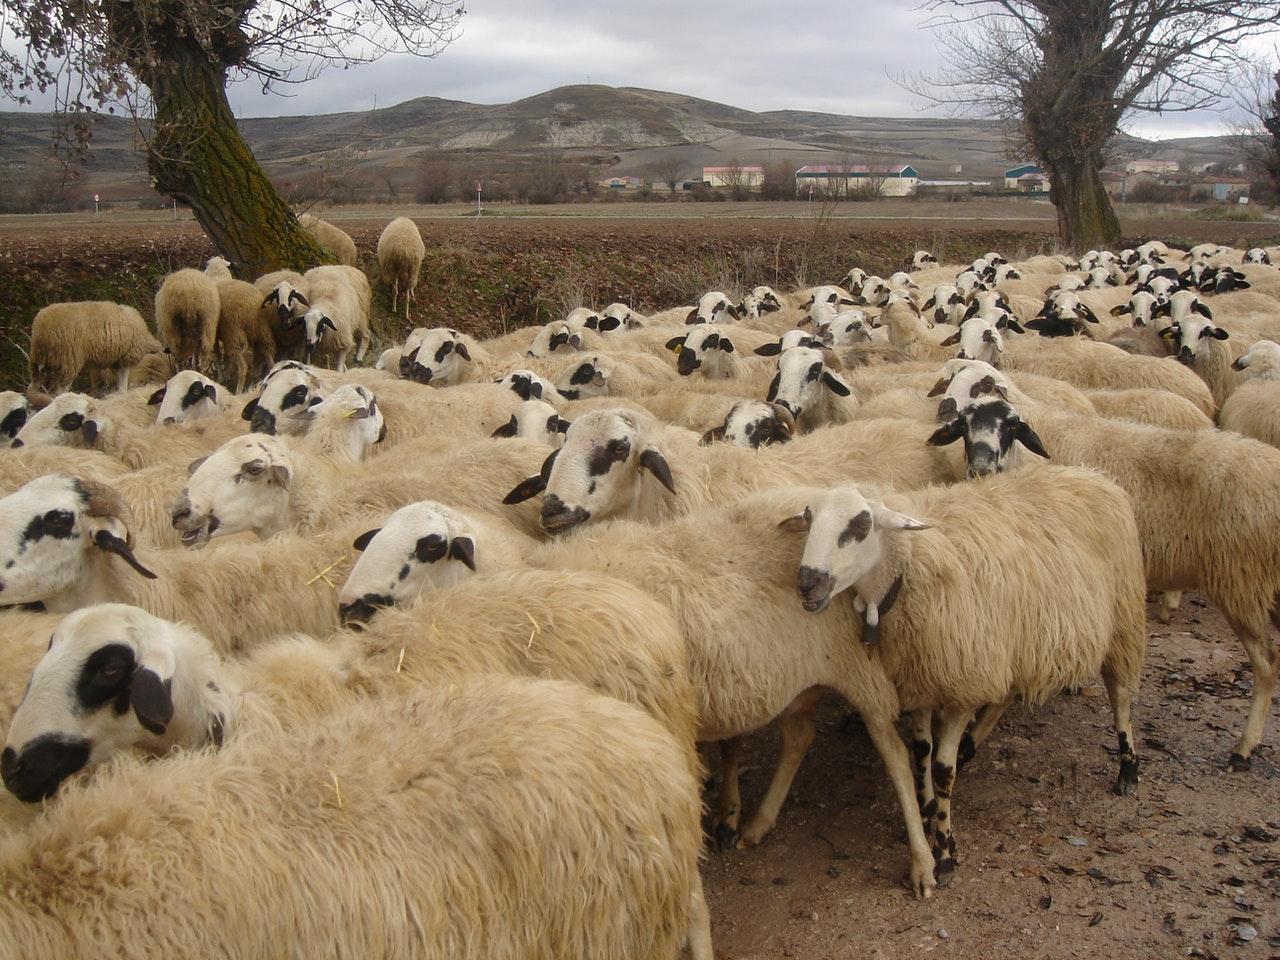 Los pastores dedican su día a día al rebaño